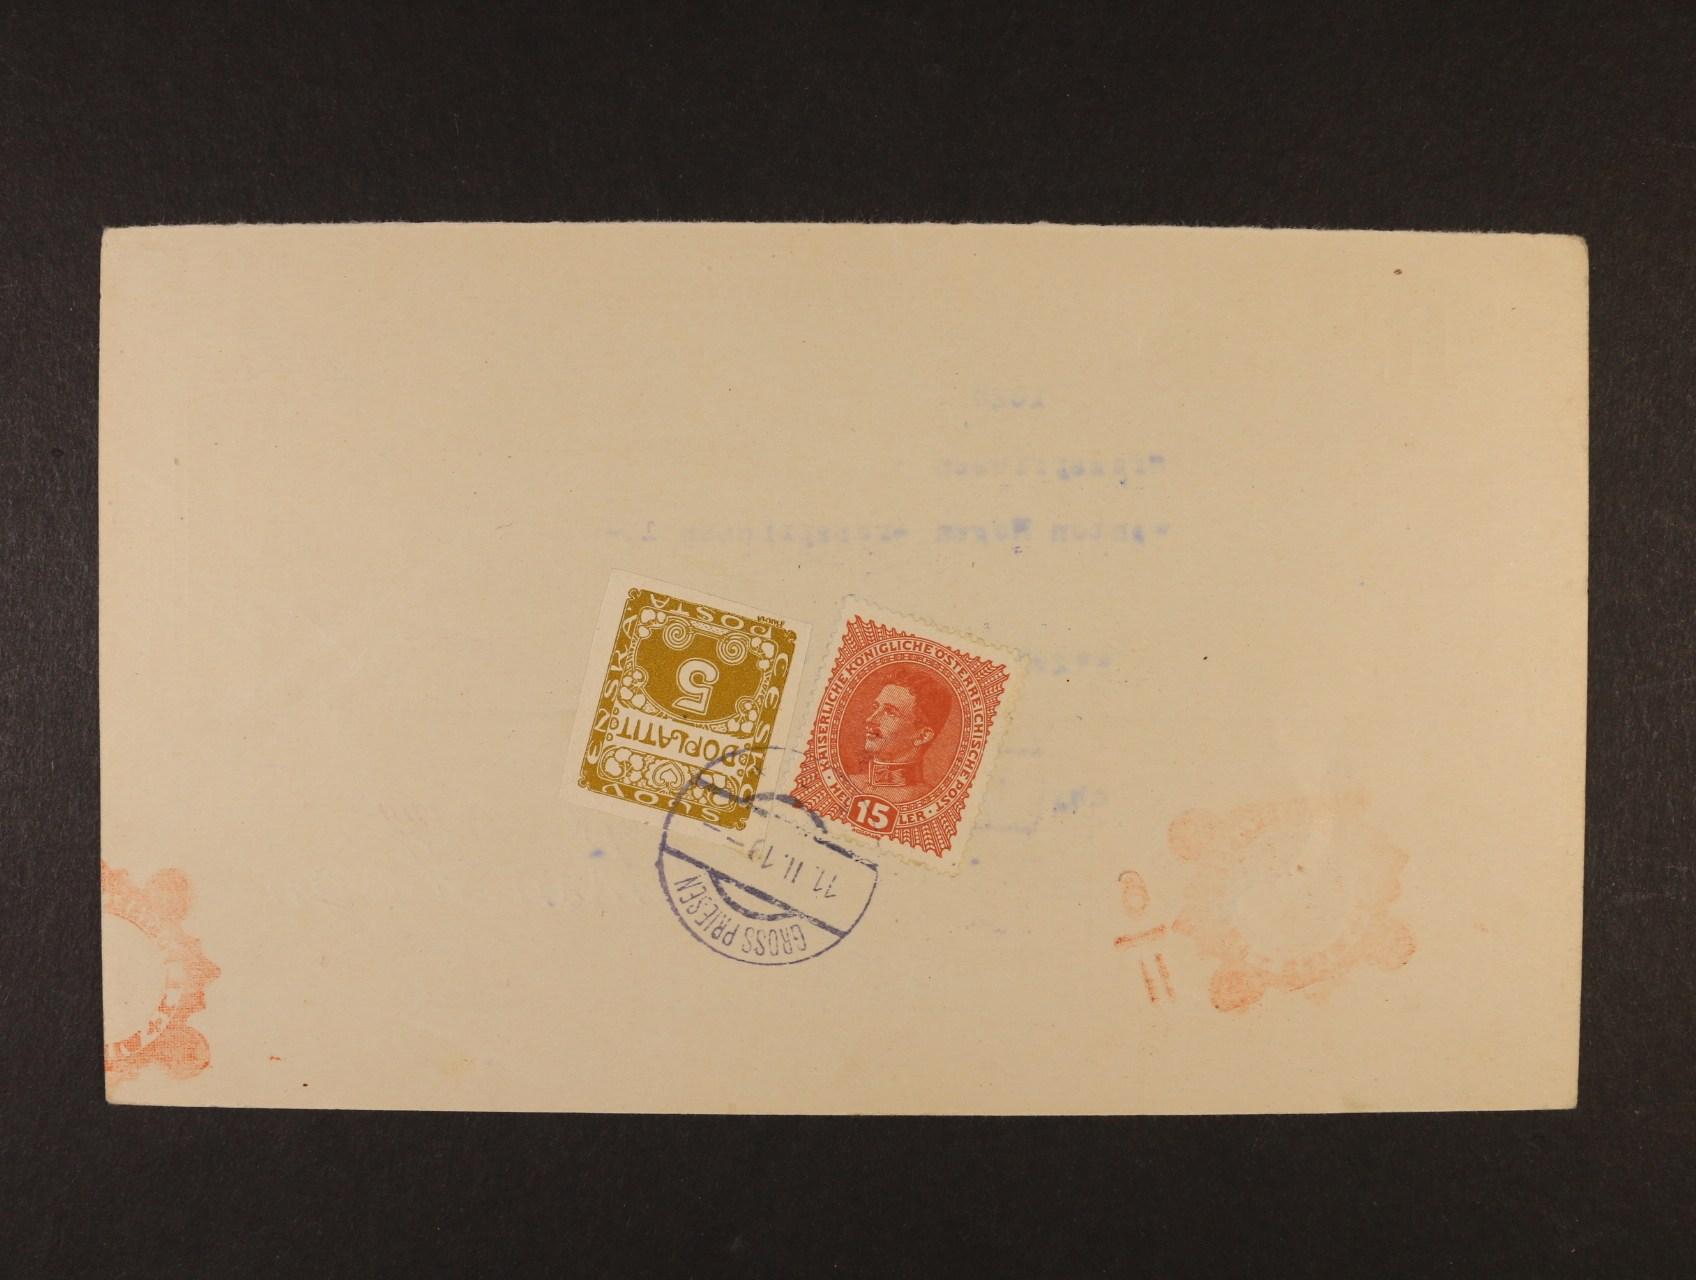 poštovní průvodka poštovní spořitelny Wien zaslaná na poštovní úřad Gross Priesen (Velké Březno), poštovné ve výši 20h vyplaceno zn. Mi. č. 221 a dopl. zn. 5h DL 1, znehodnoceno raz. GROSS PRIESEN 11.2.1919